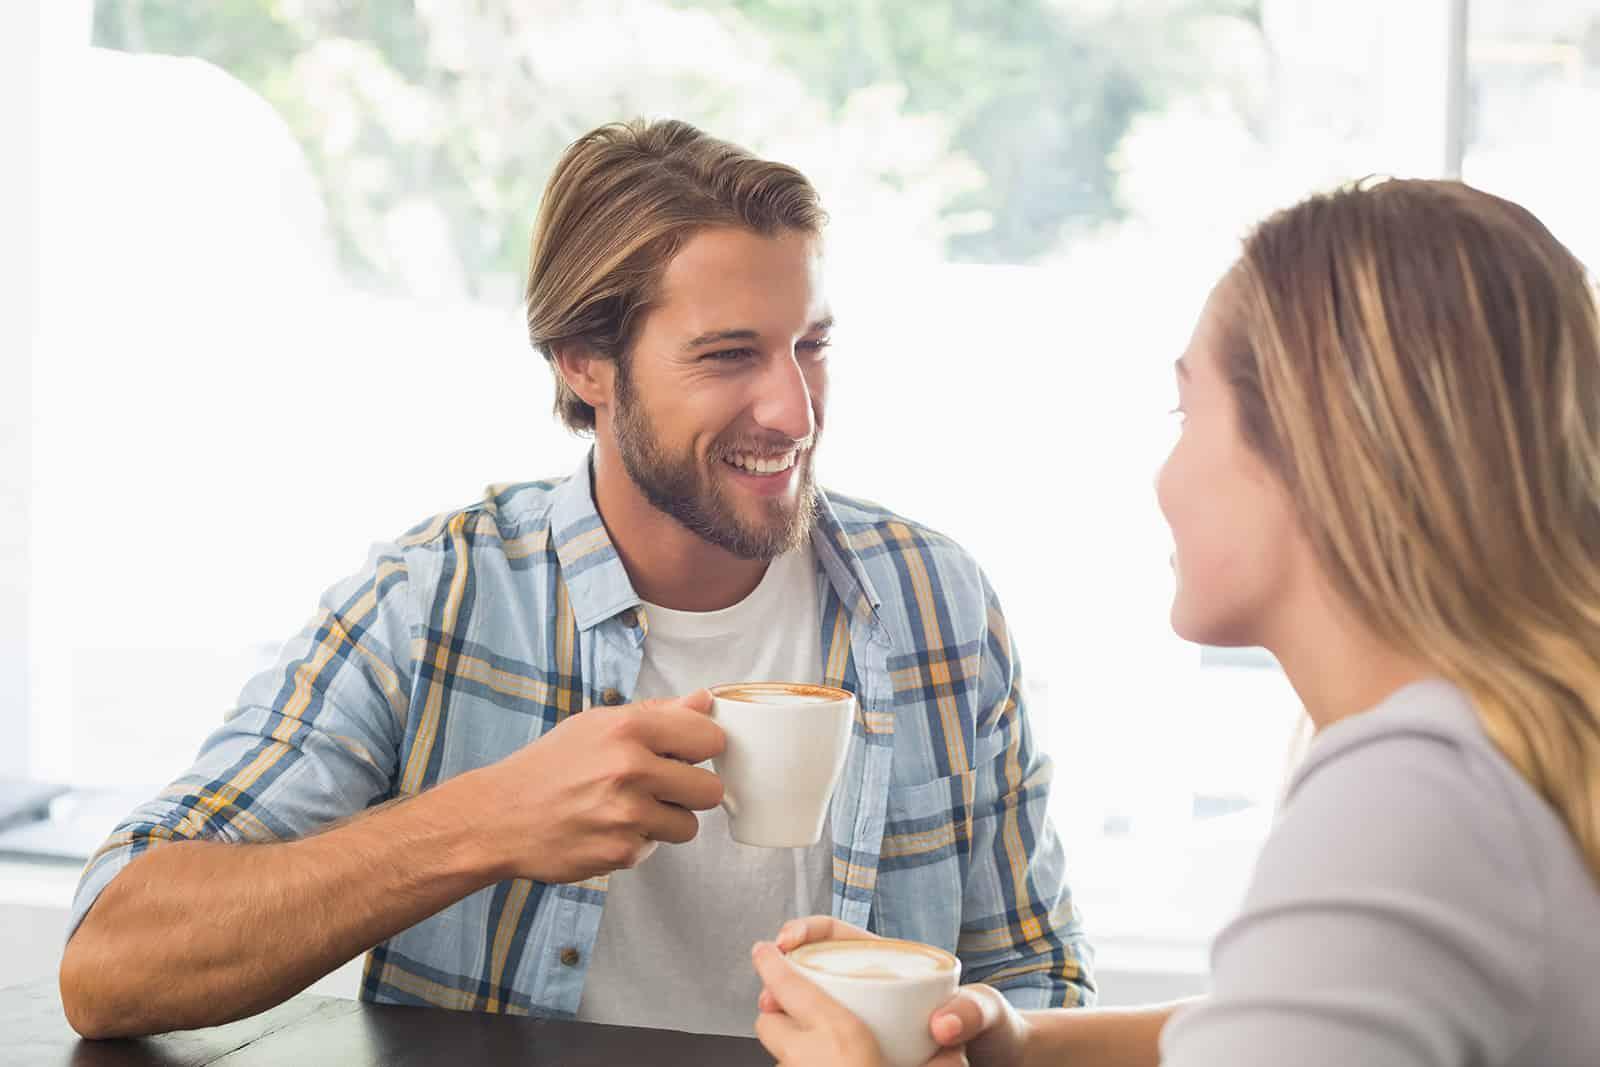 Ein lächelnder Mann trinkt Kaffee mit einer Frau bei einem Date